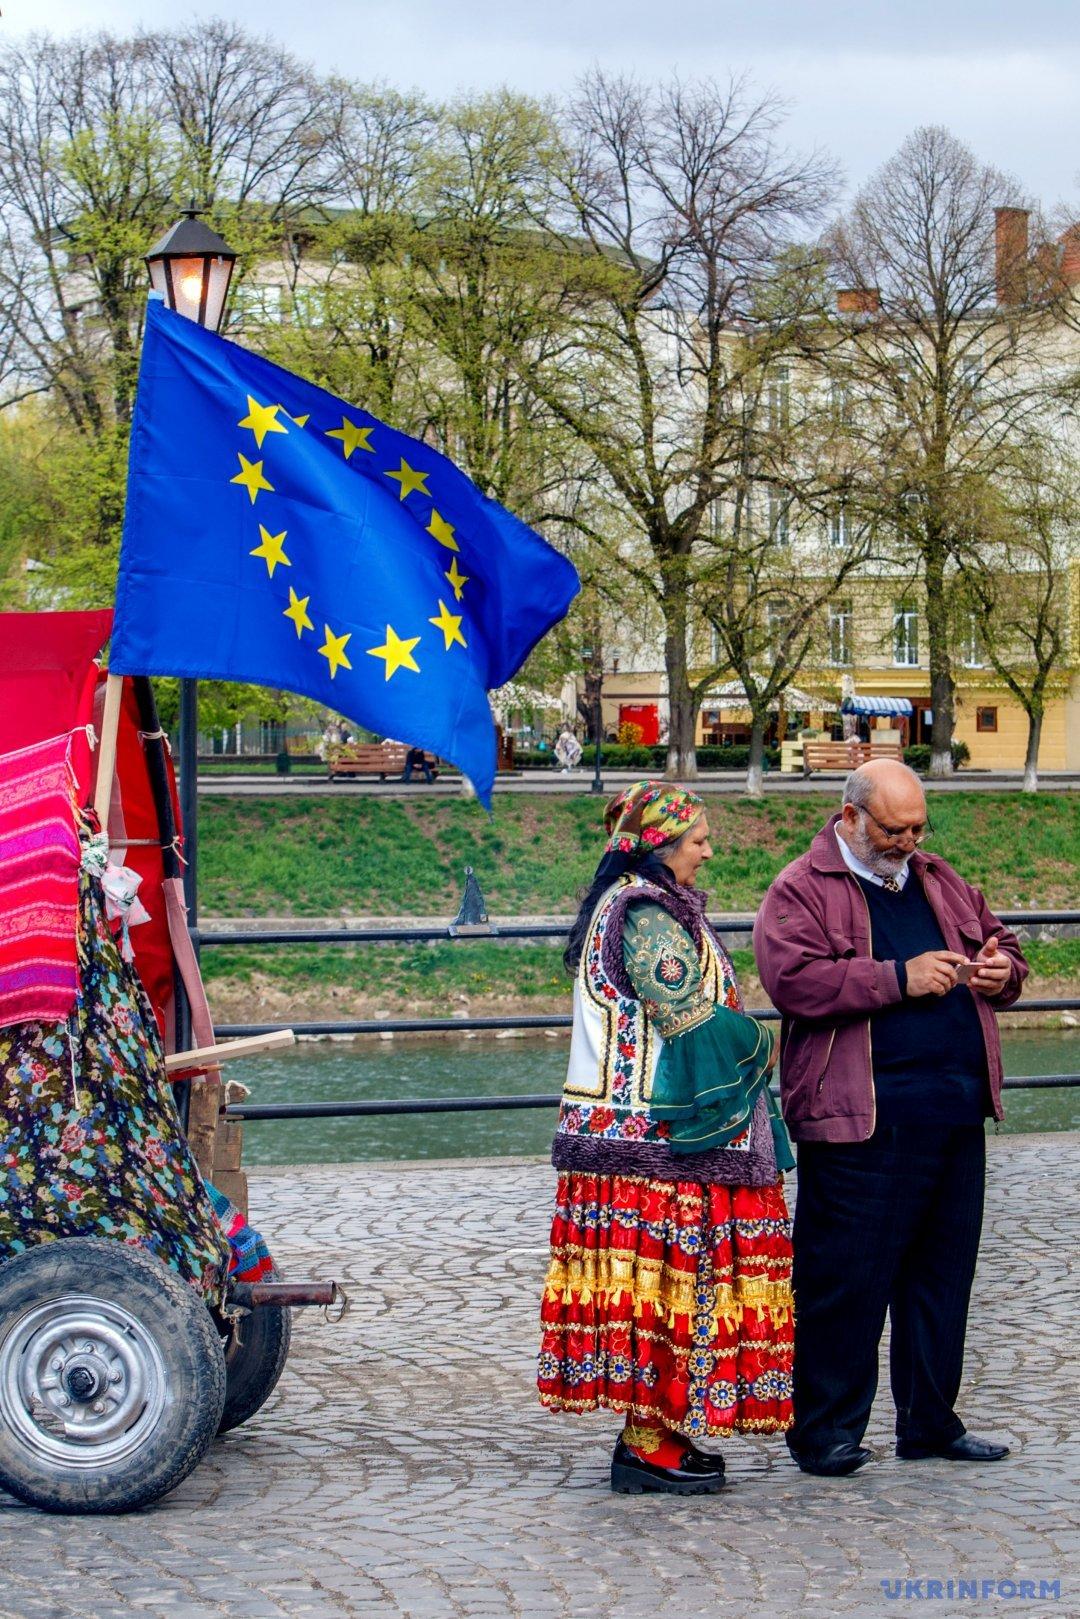 Представники ромської громади біля підводи з прапором Європи під час урочистостей з нагоди Міжнародного дня ромів, Ужгород, 8 квітня 2017 року.  Фото: Сергій Гудак